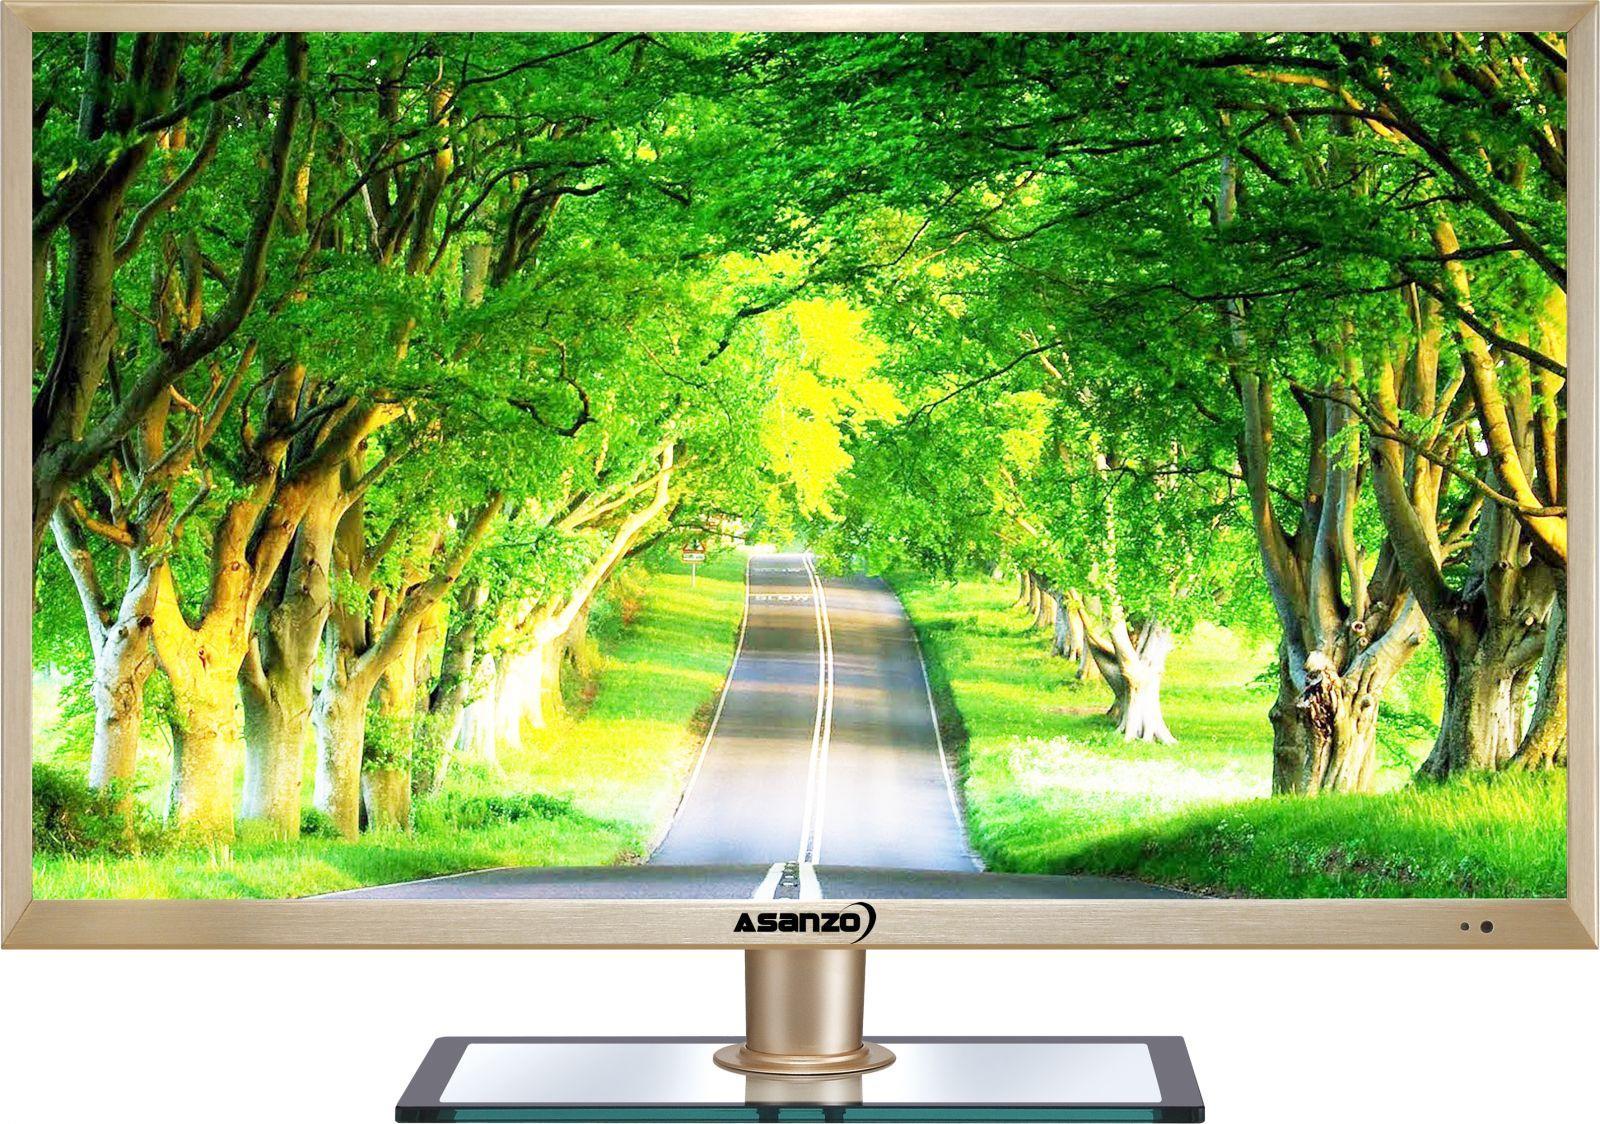 Tivi Led ASANZO 40 inch full HD model 40T690 có kiểu dáng hiện đại với khung nhôm sang trọng